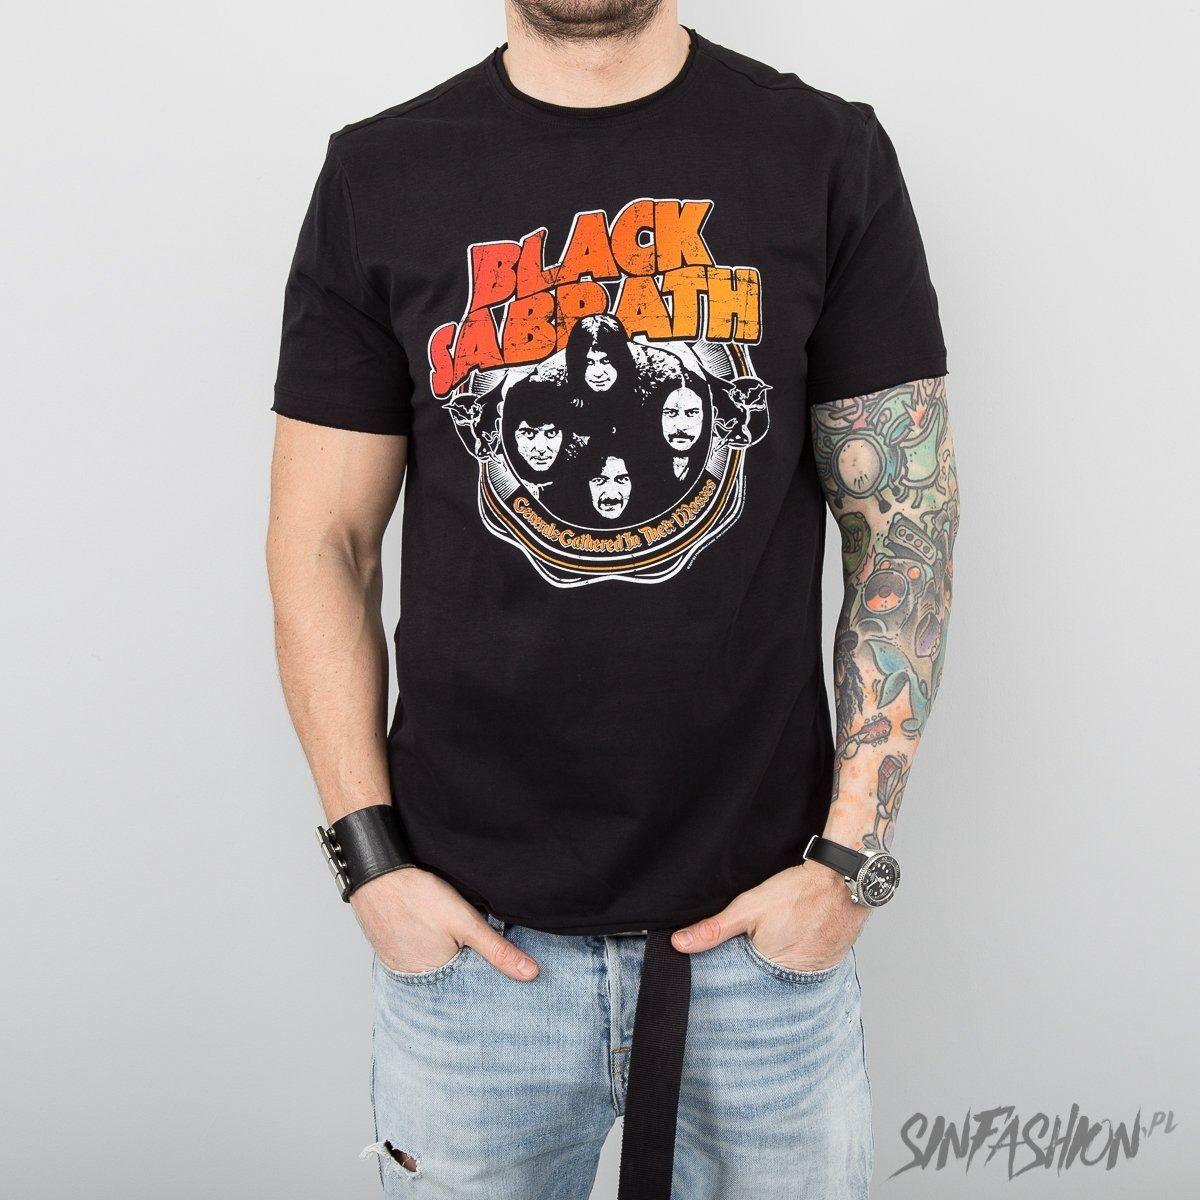 Koszulka amplified black sabbath war pig